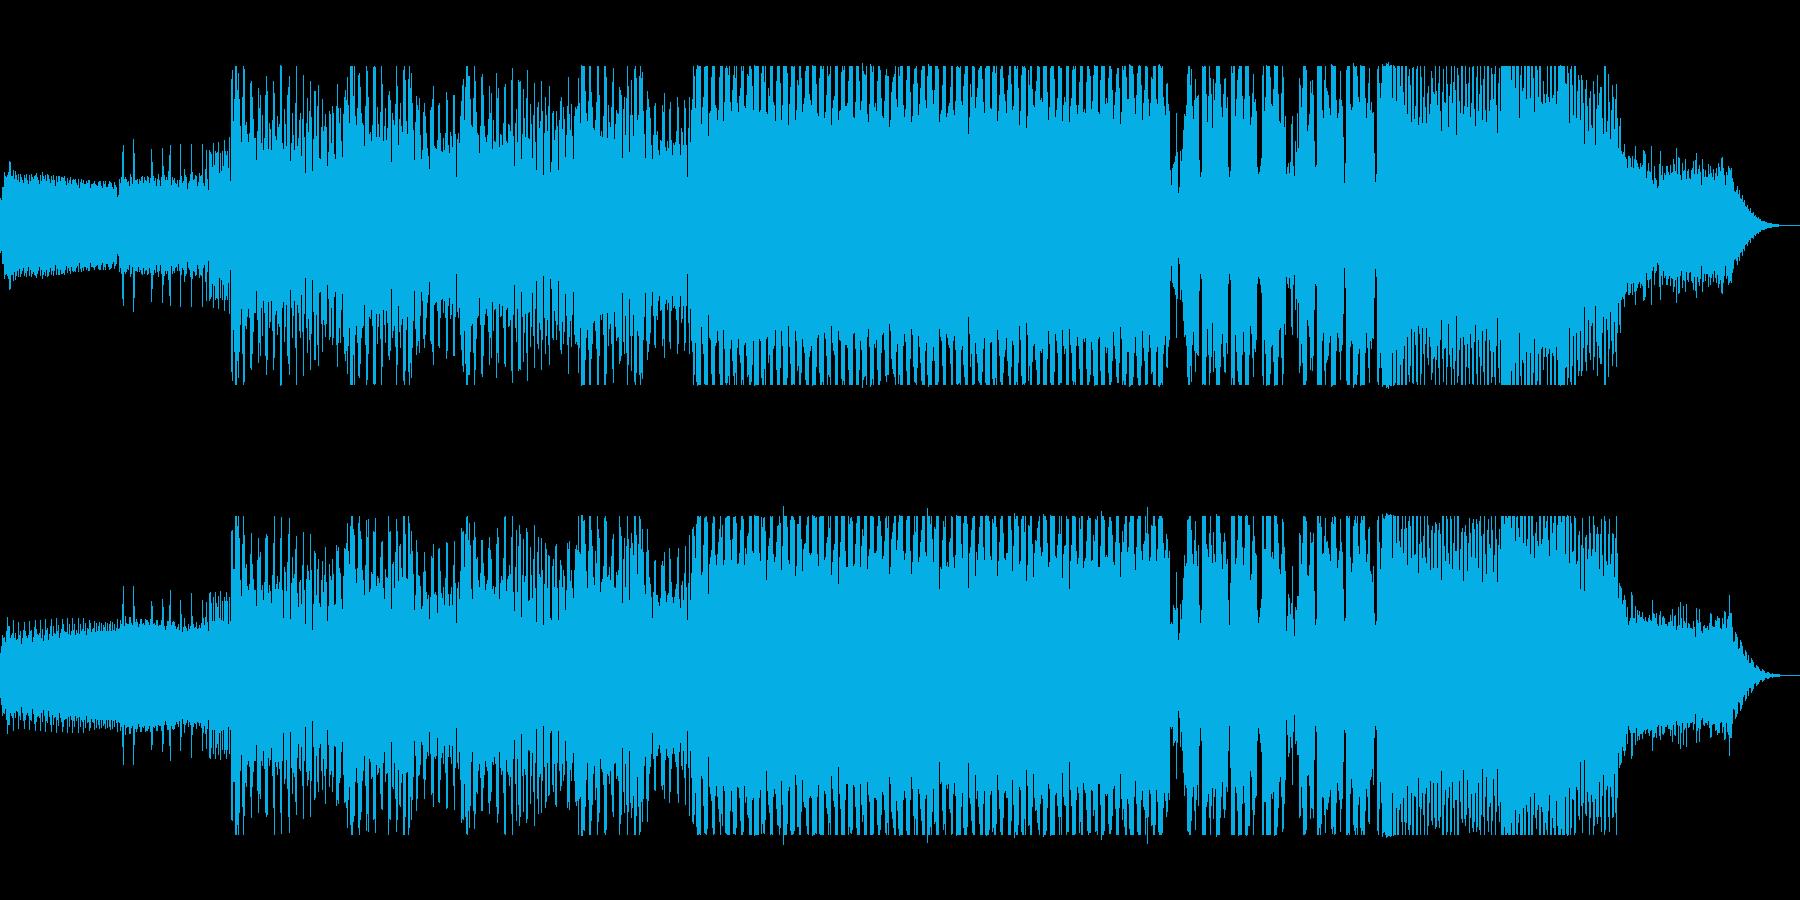 不思議なループ、浮遊感あるテクノの曲の再生済みの波形